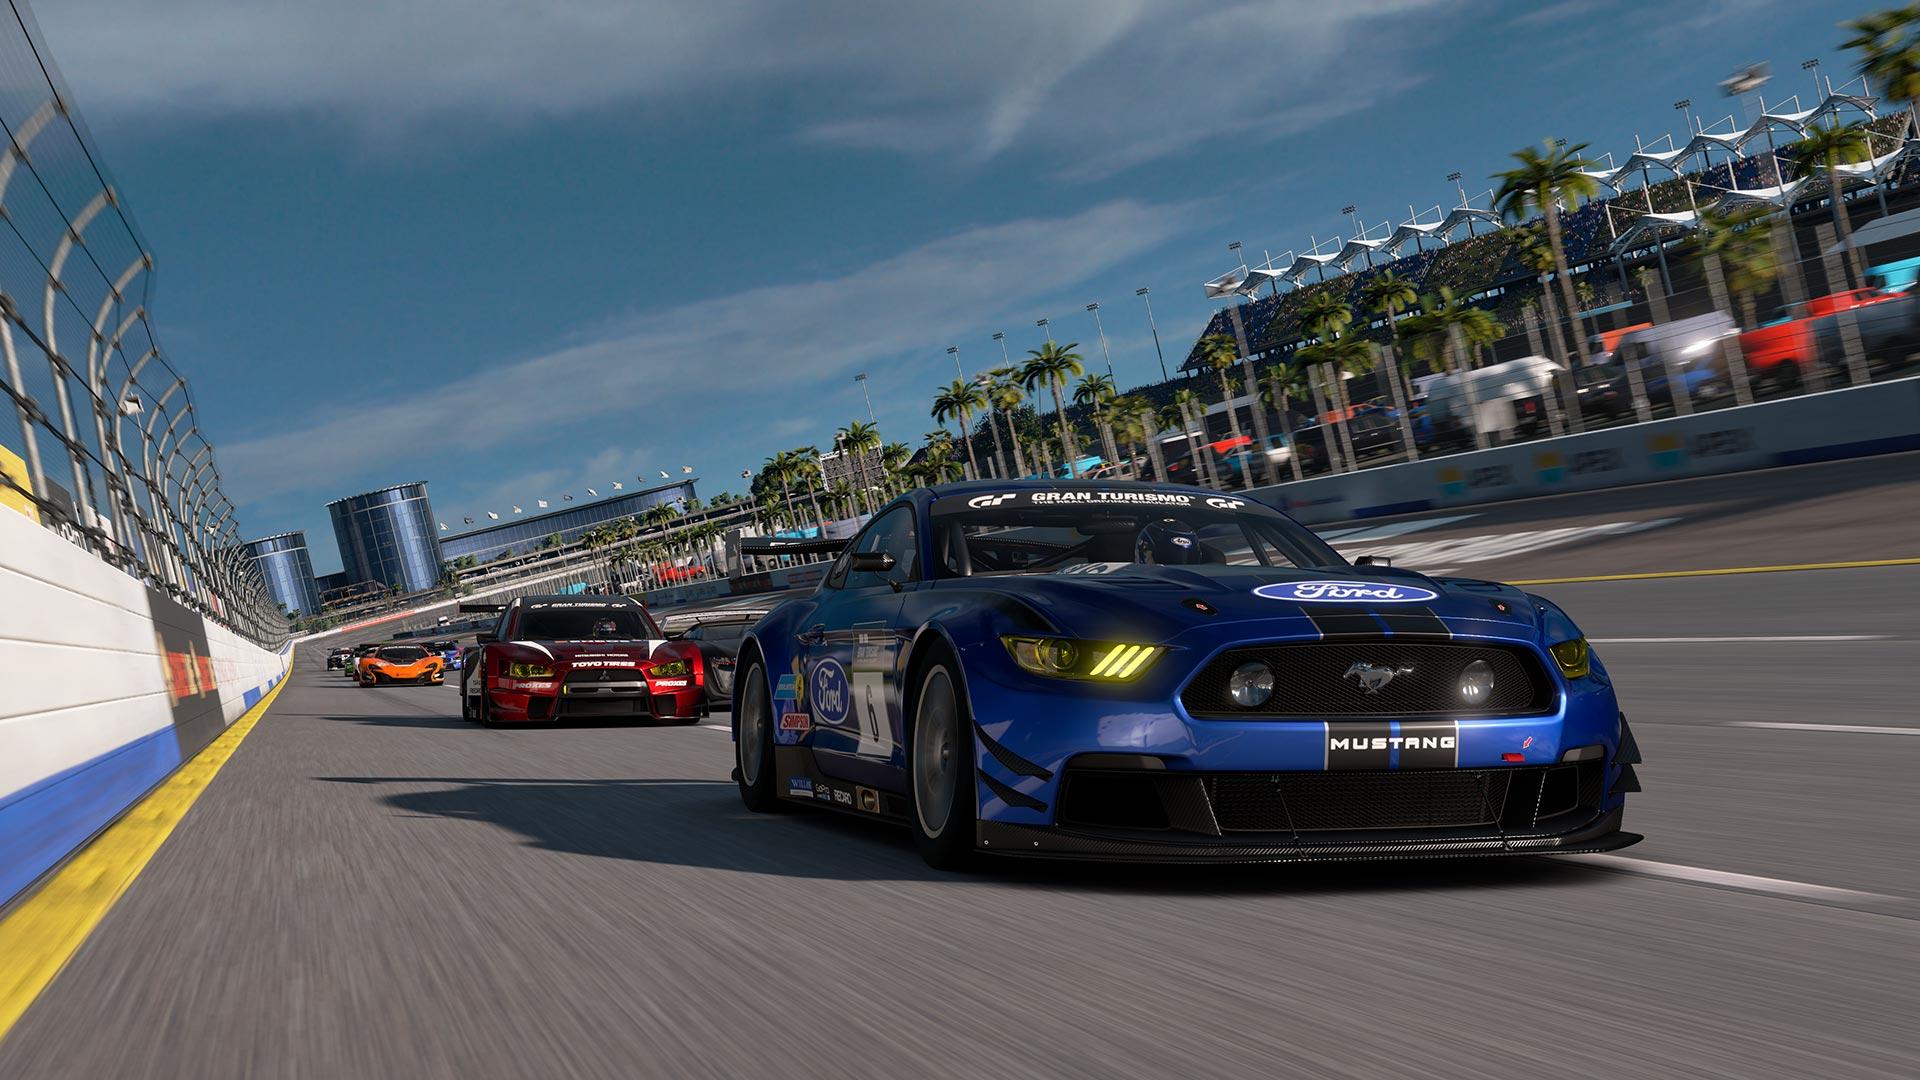 Préparez-vous – Gran Turismo Sport ajoute des microtransactions